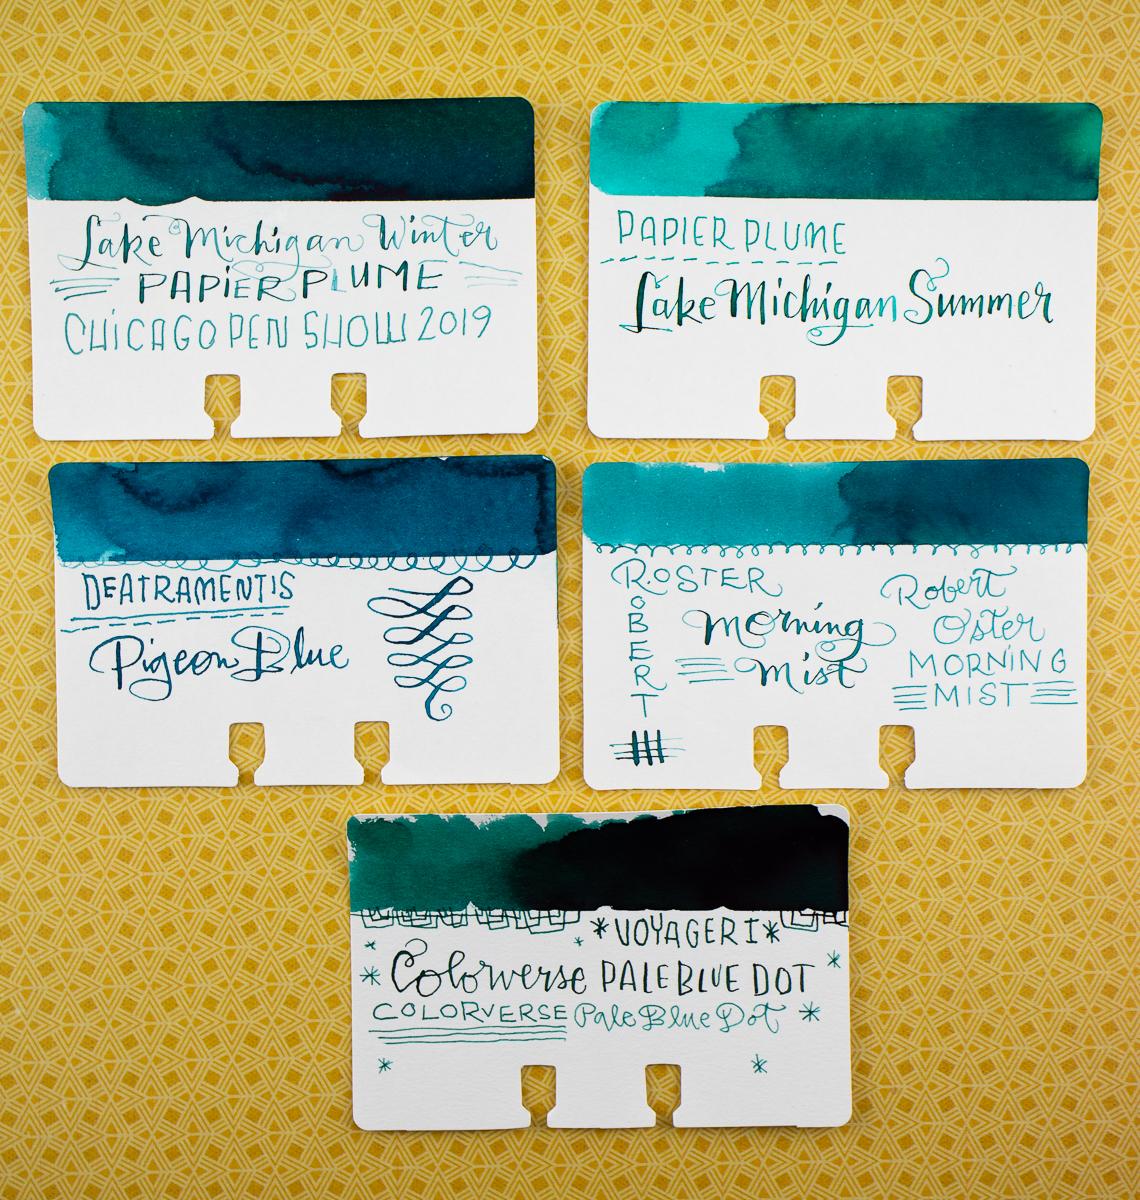 Papier Plume Lake Michigan Winter comparison